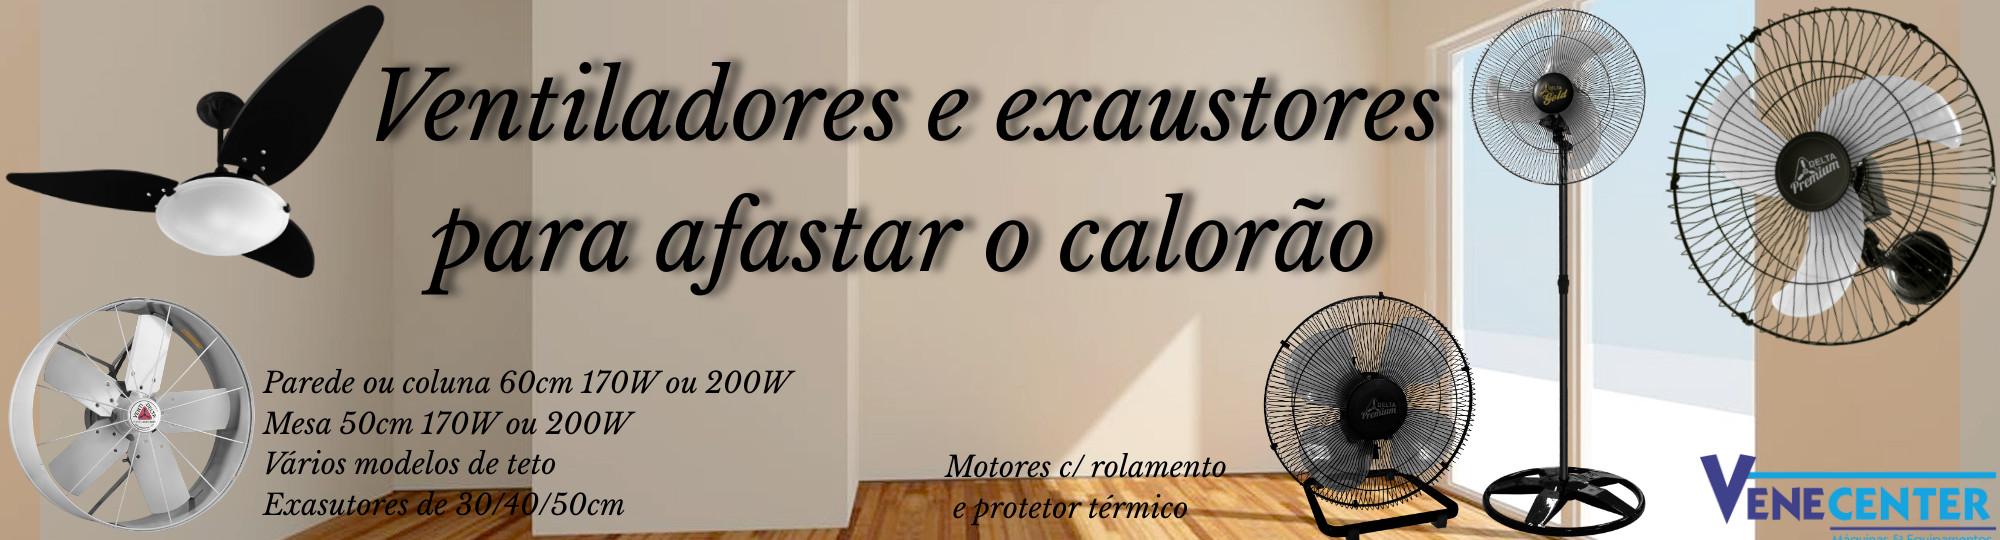 Ventiladores e Exaustores para afastar o calorão